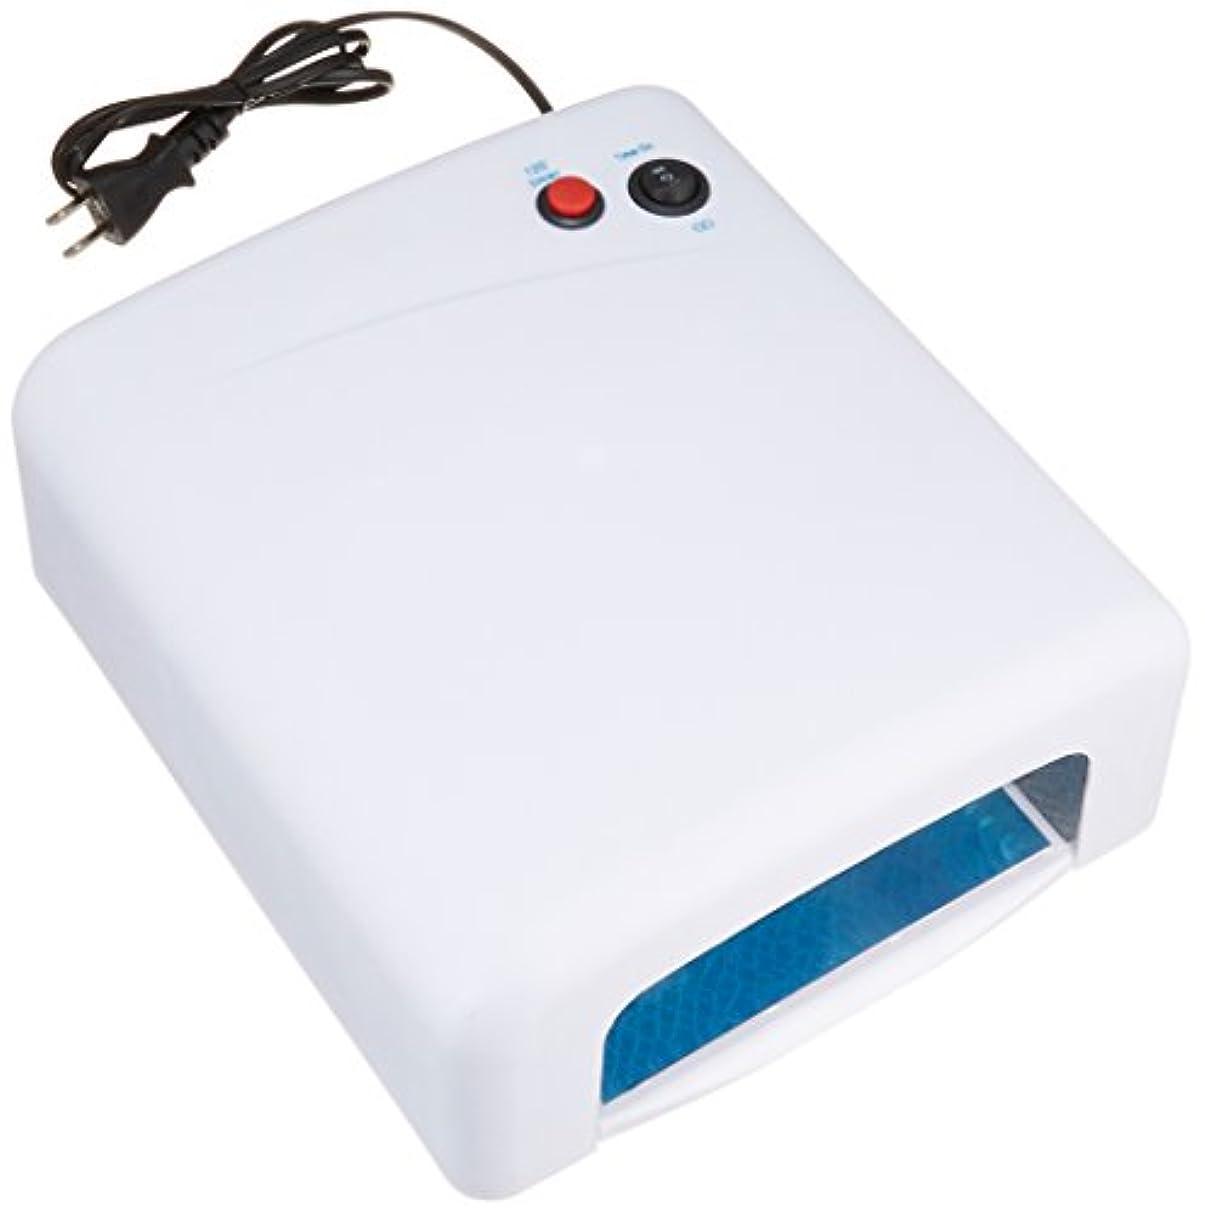 スムーズにスーツケース方程式ノーブランド品 UVライト 36W ホワイト 取扱説明書付き